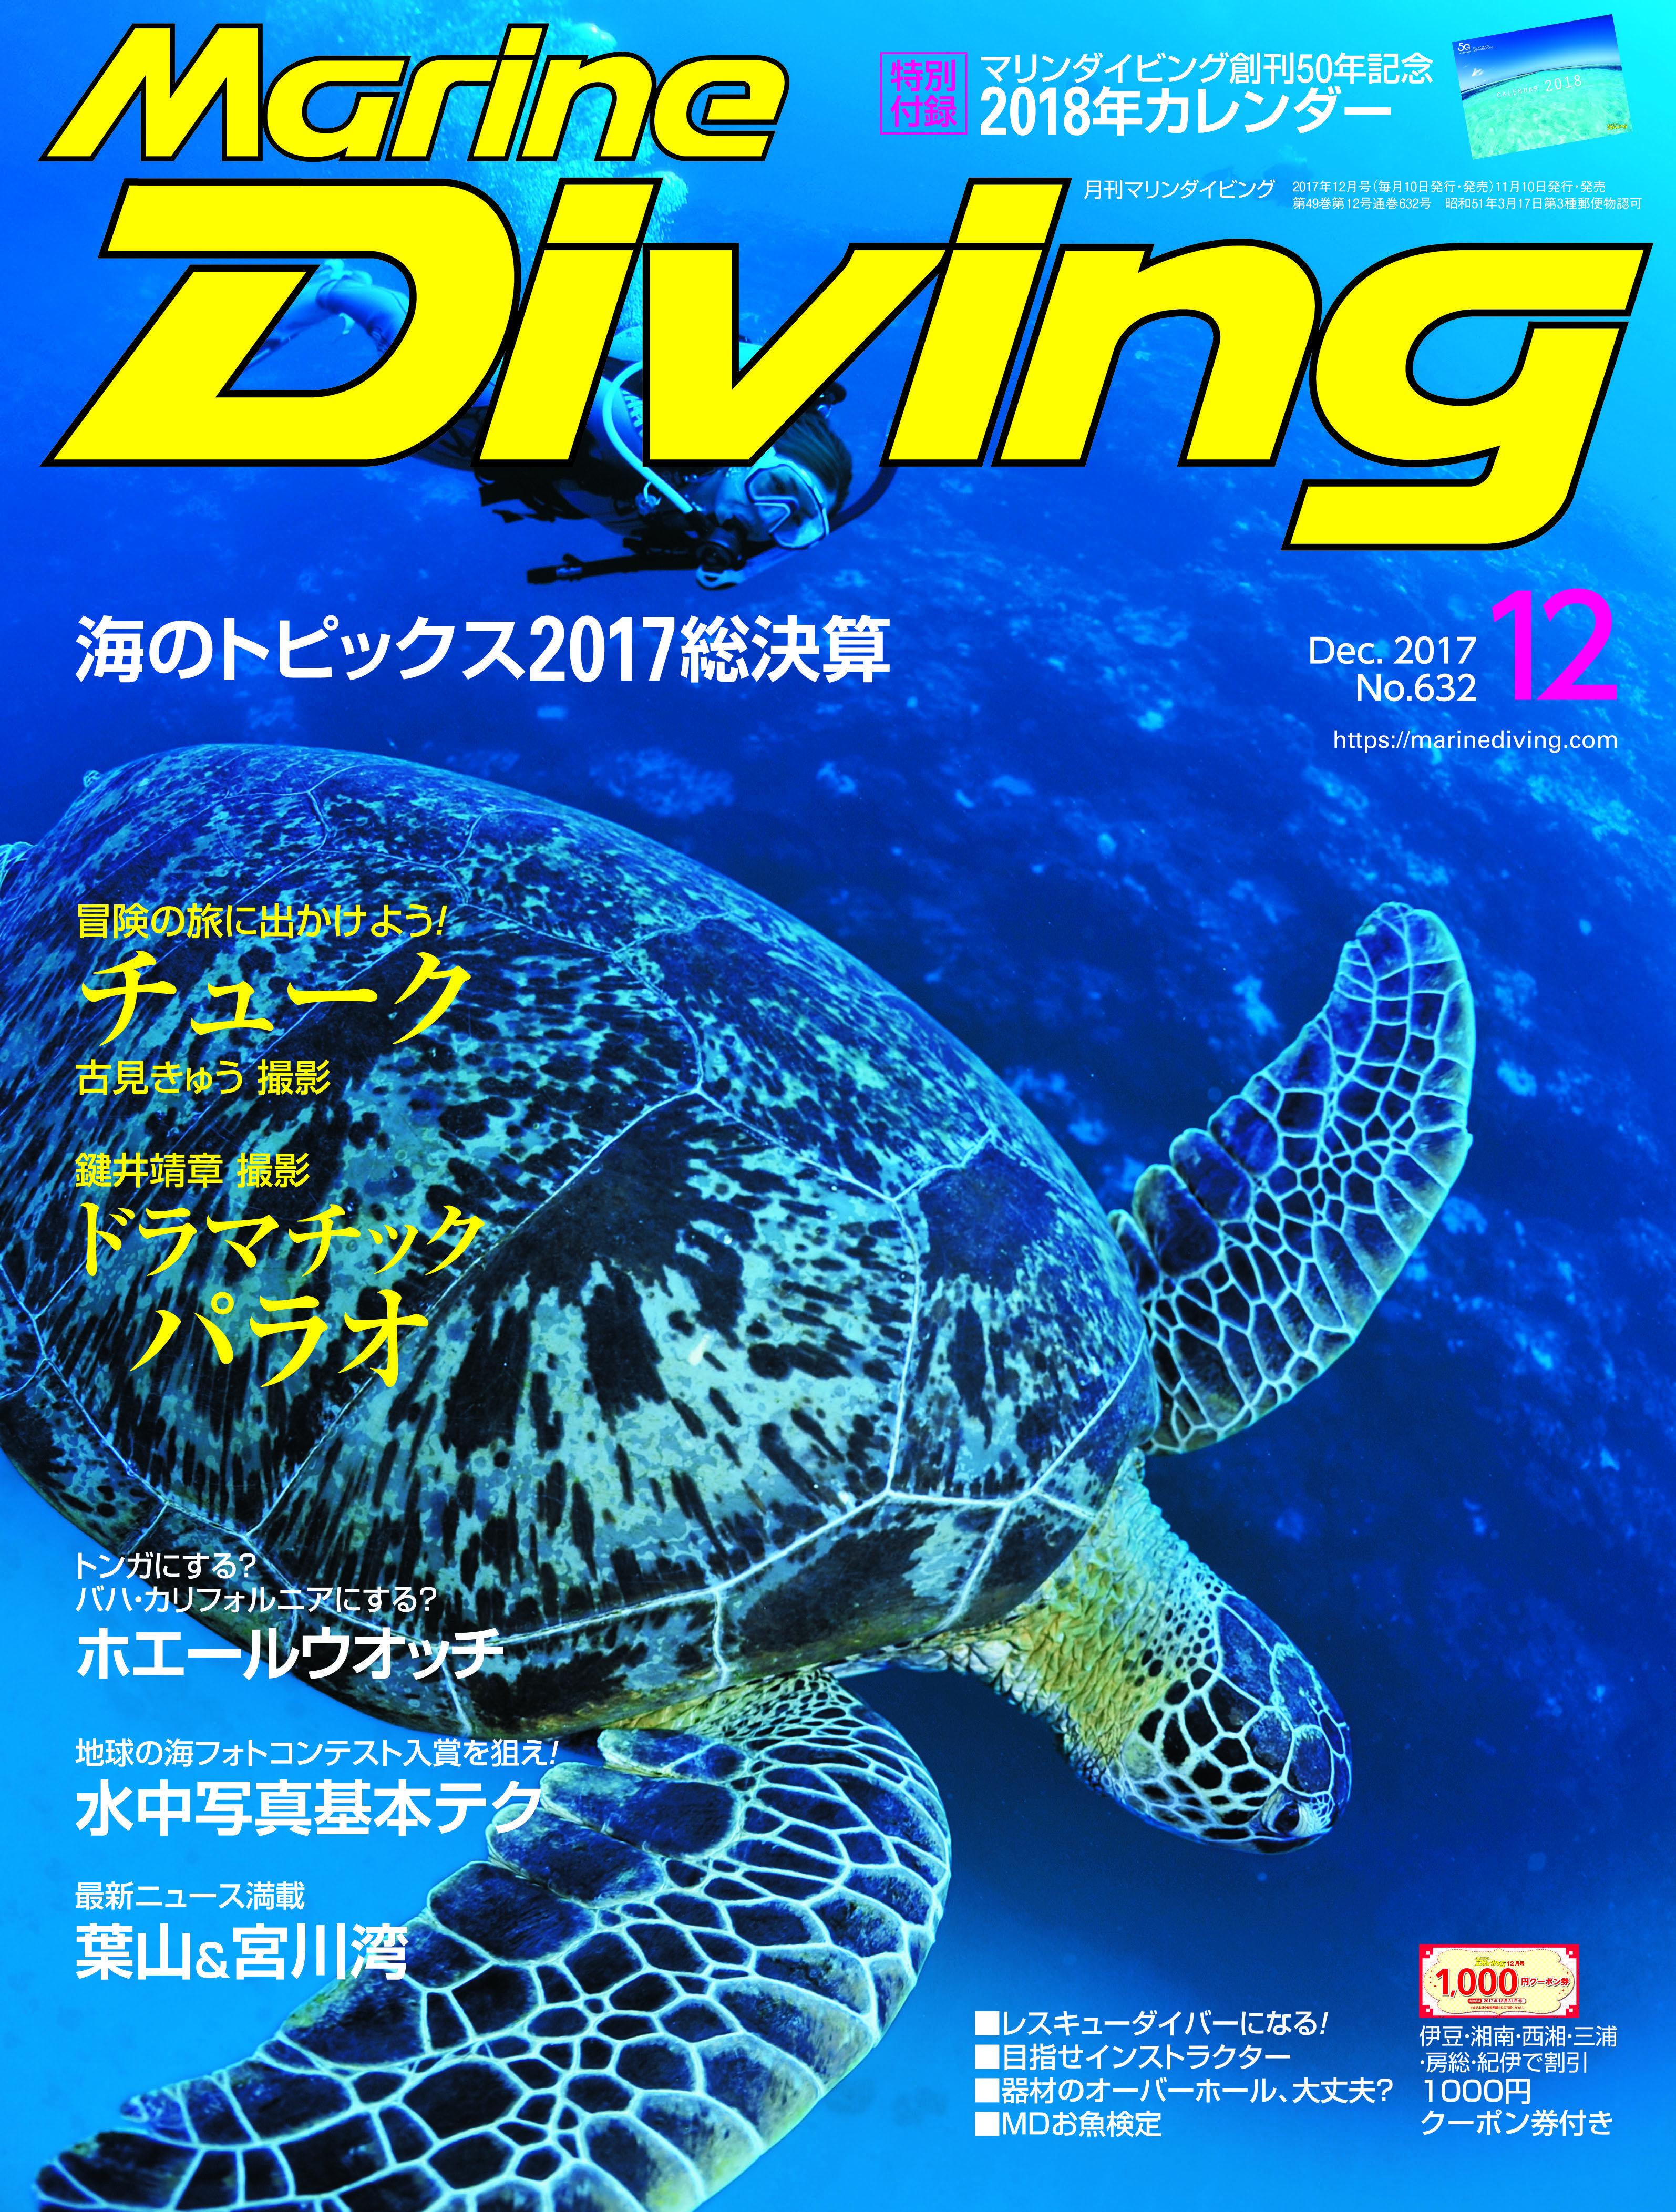 マリンダイビング2017年12月号(1000円クーポン)